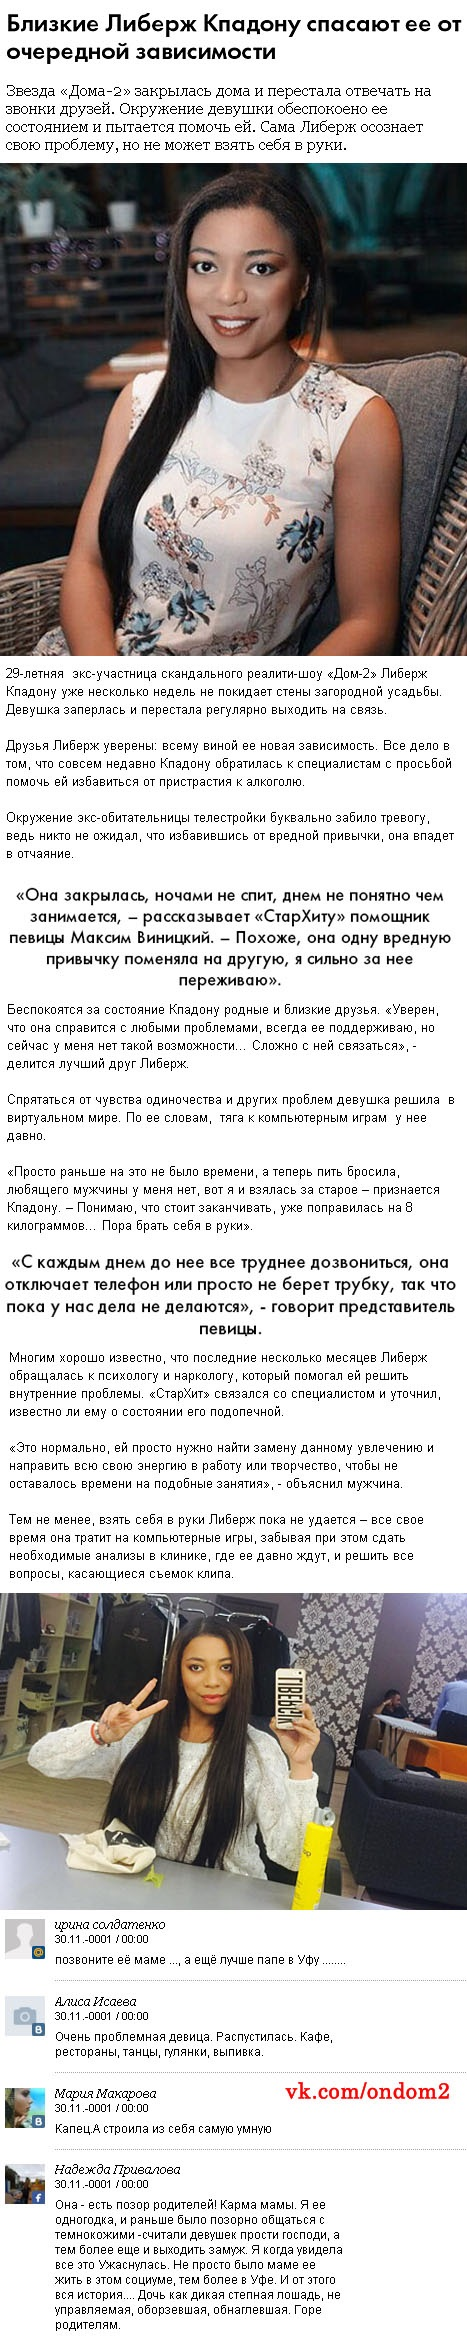 связи этим чем сейчас занимается либерж кпадону в москве Favorites Add